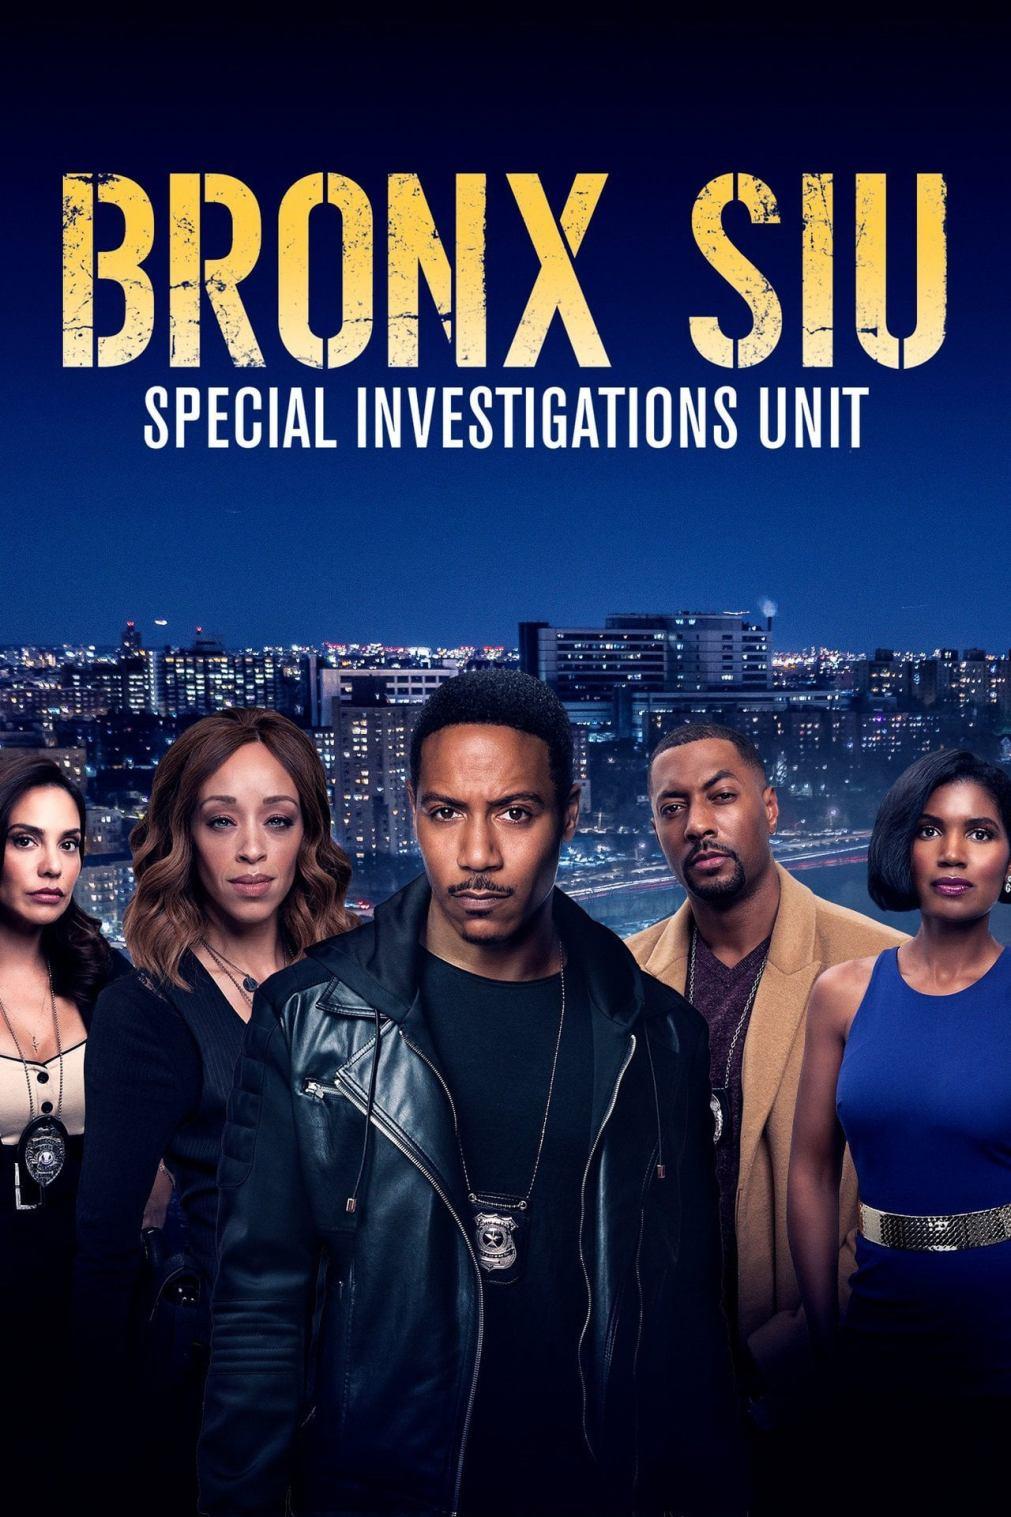 Bronx SIU kapak